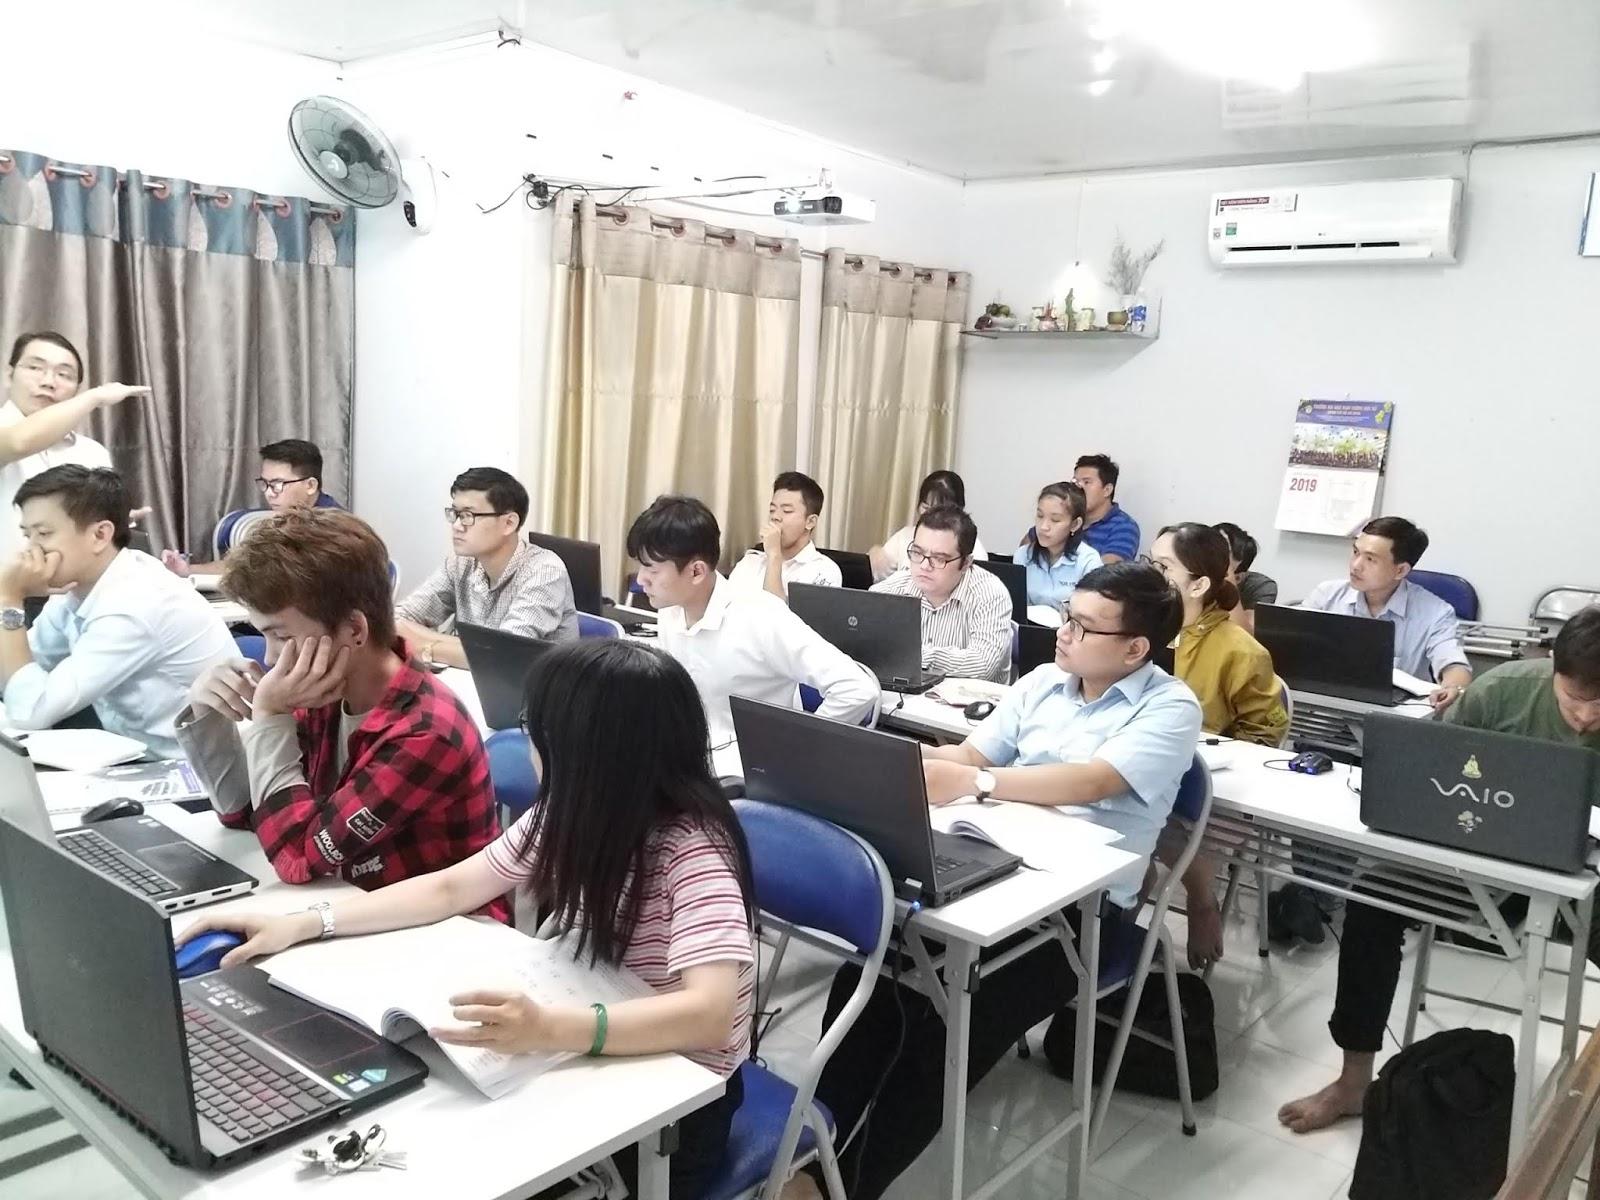 Lớp học dự toán tại Tp.HCM cho người mất gốc. Free PM